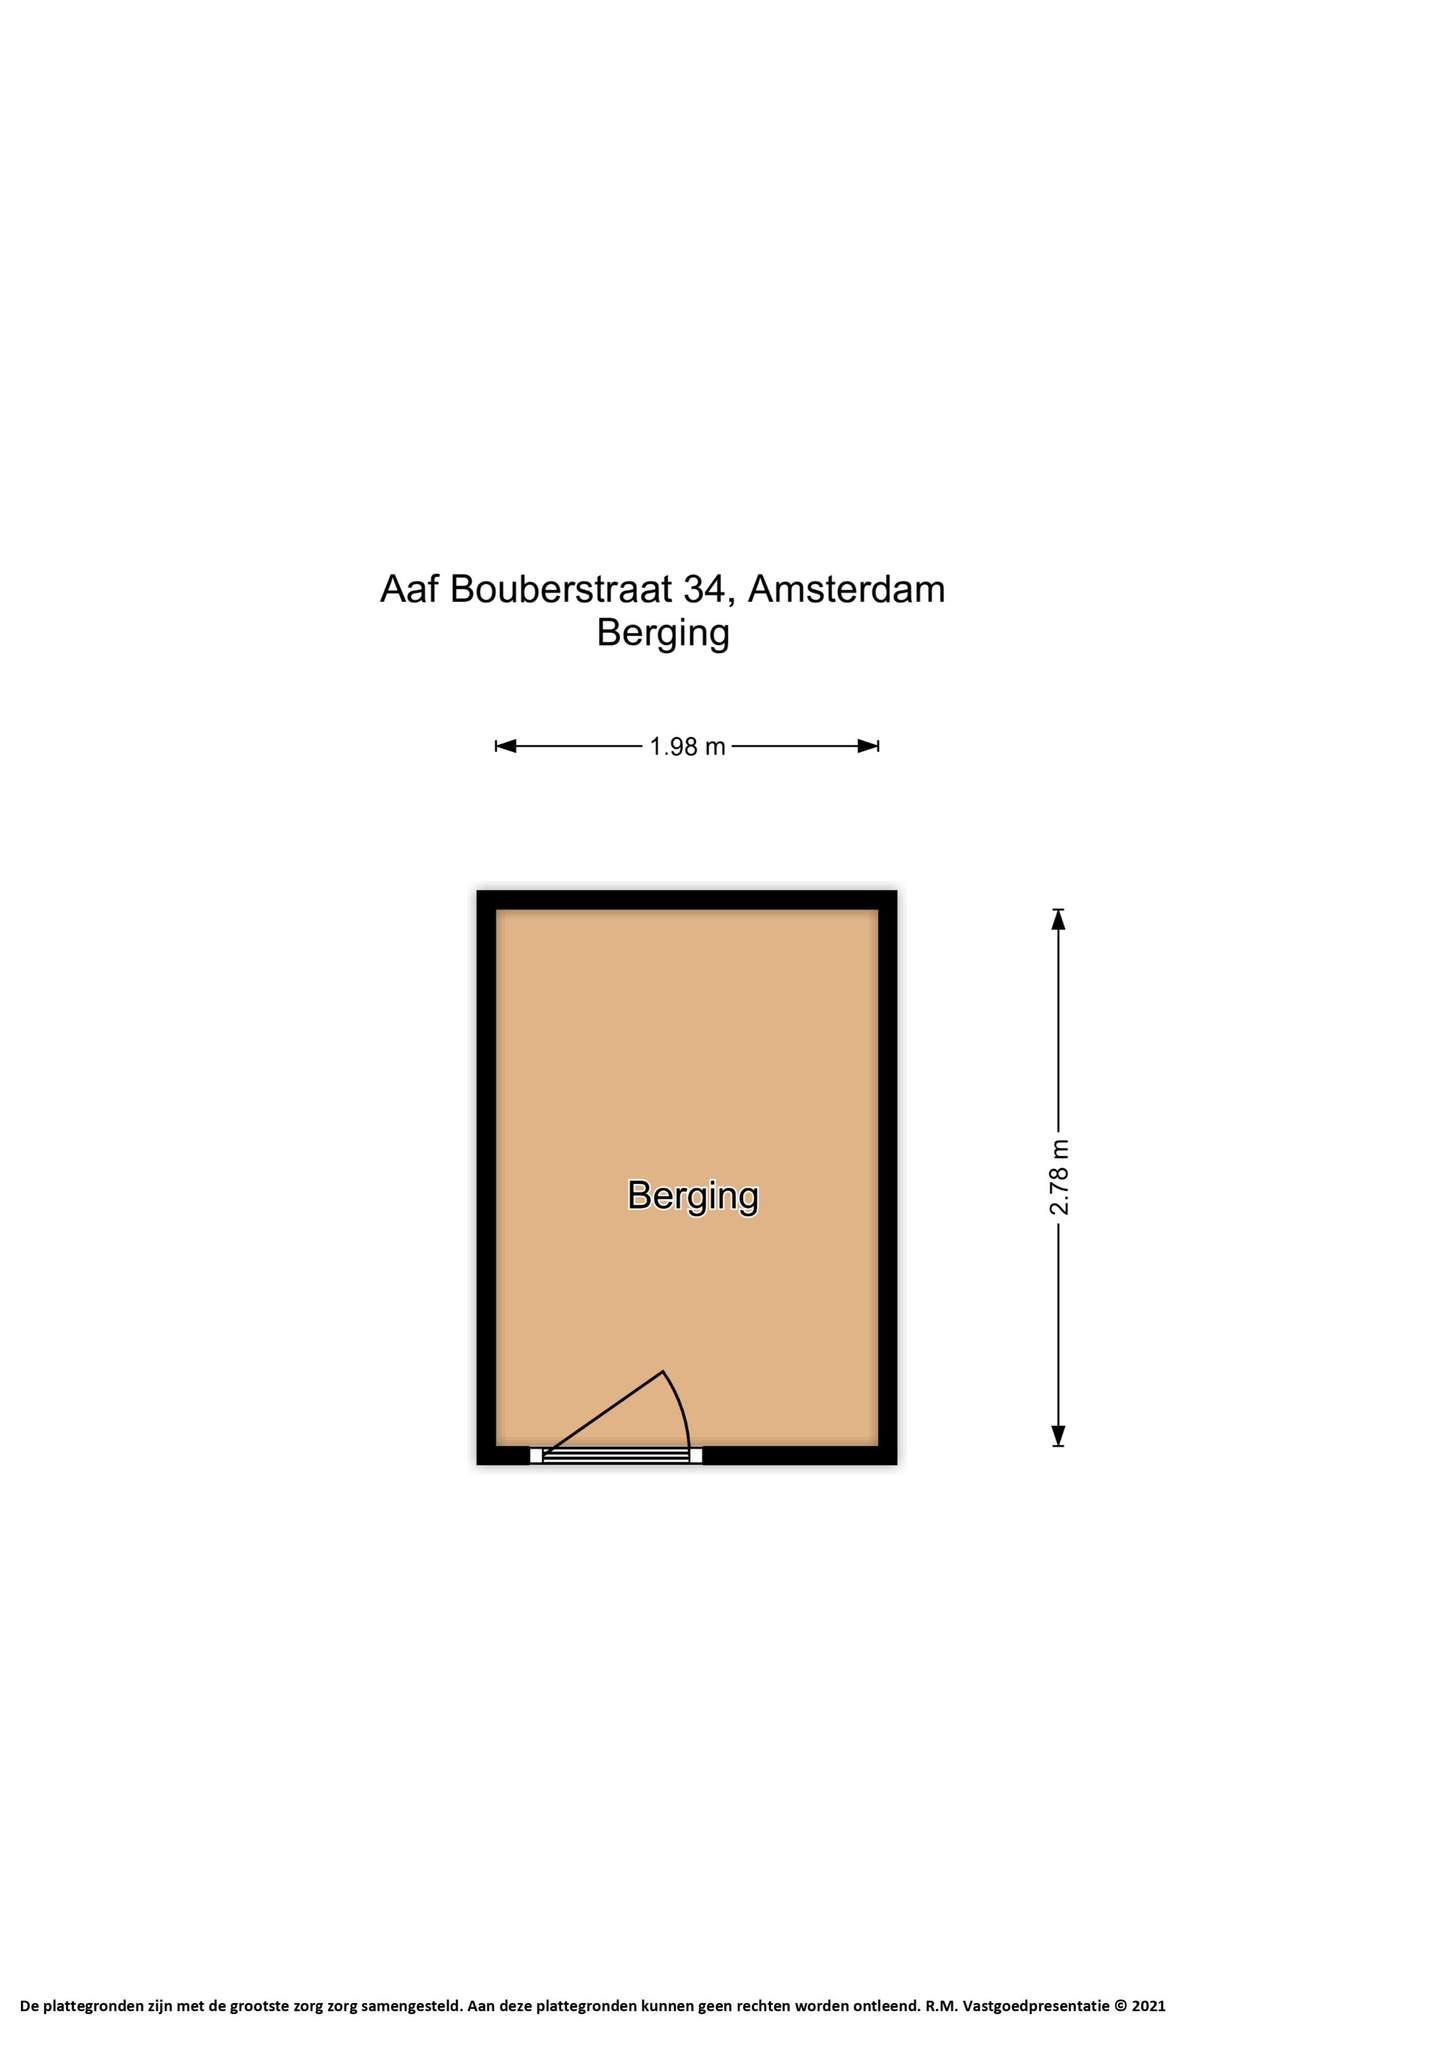 Aaf Bouberstraat 34